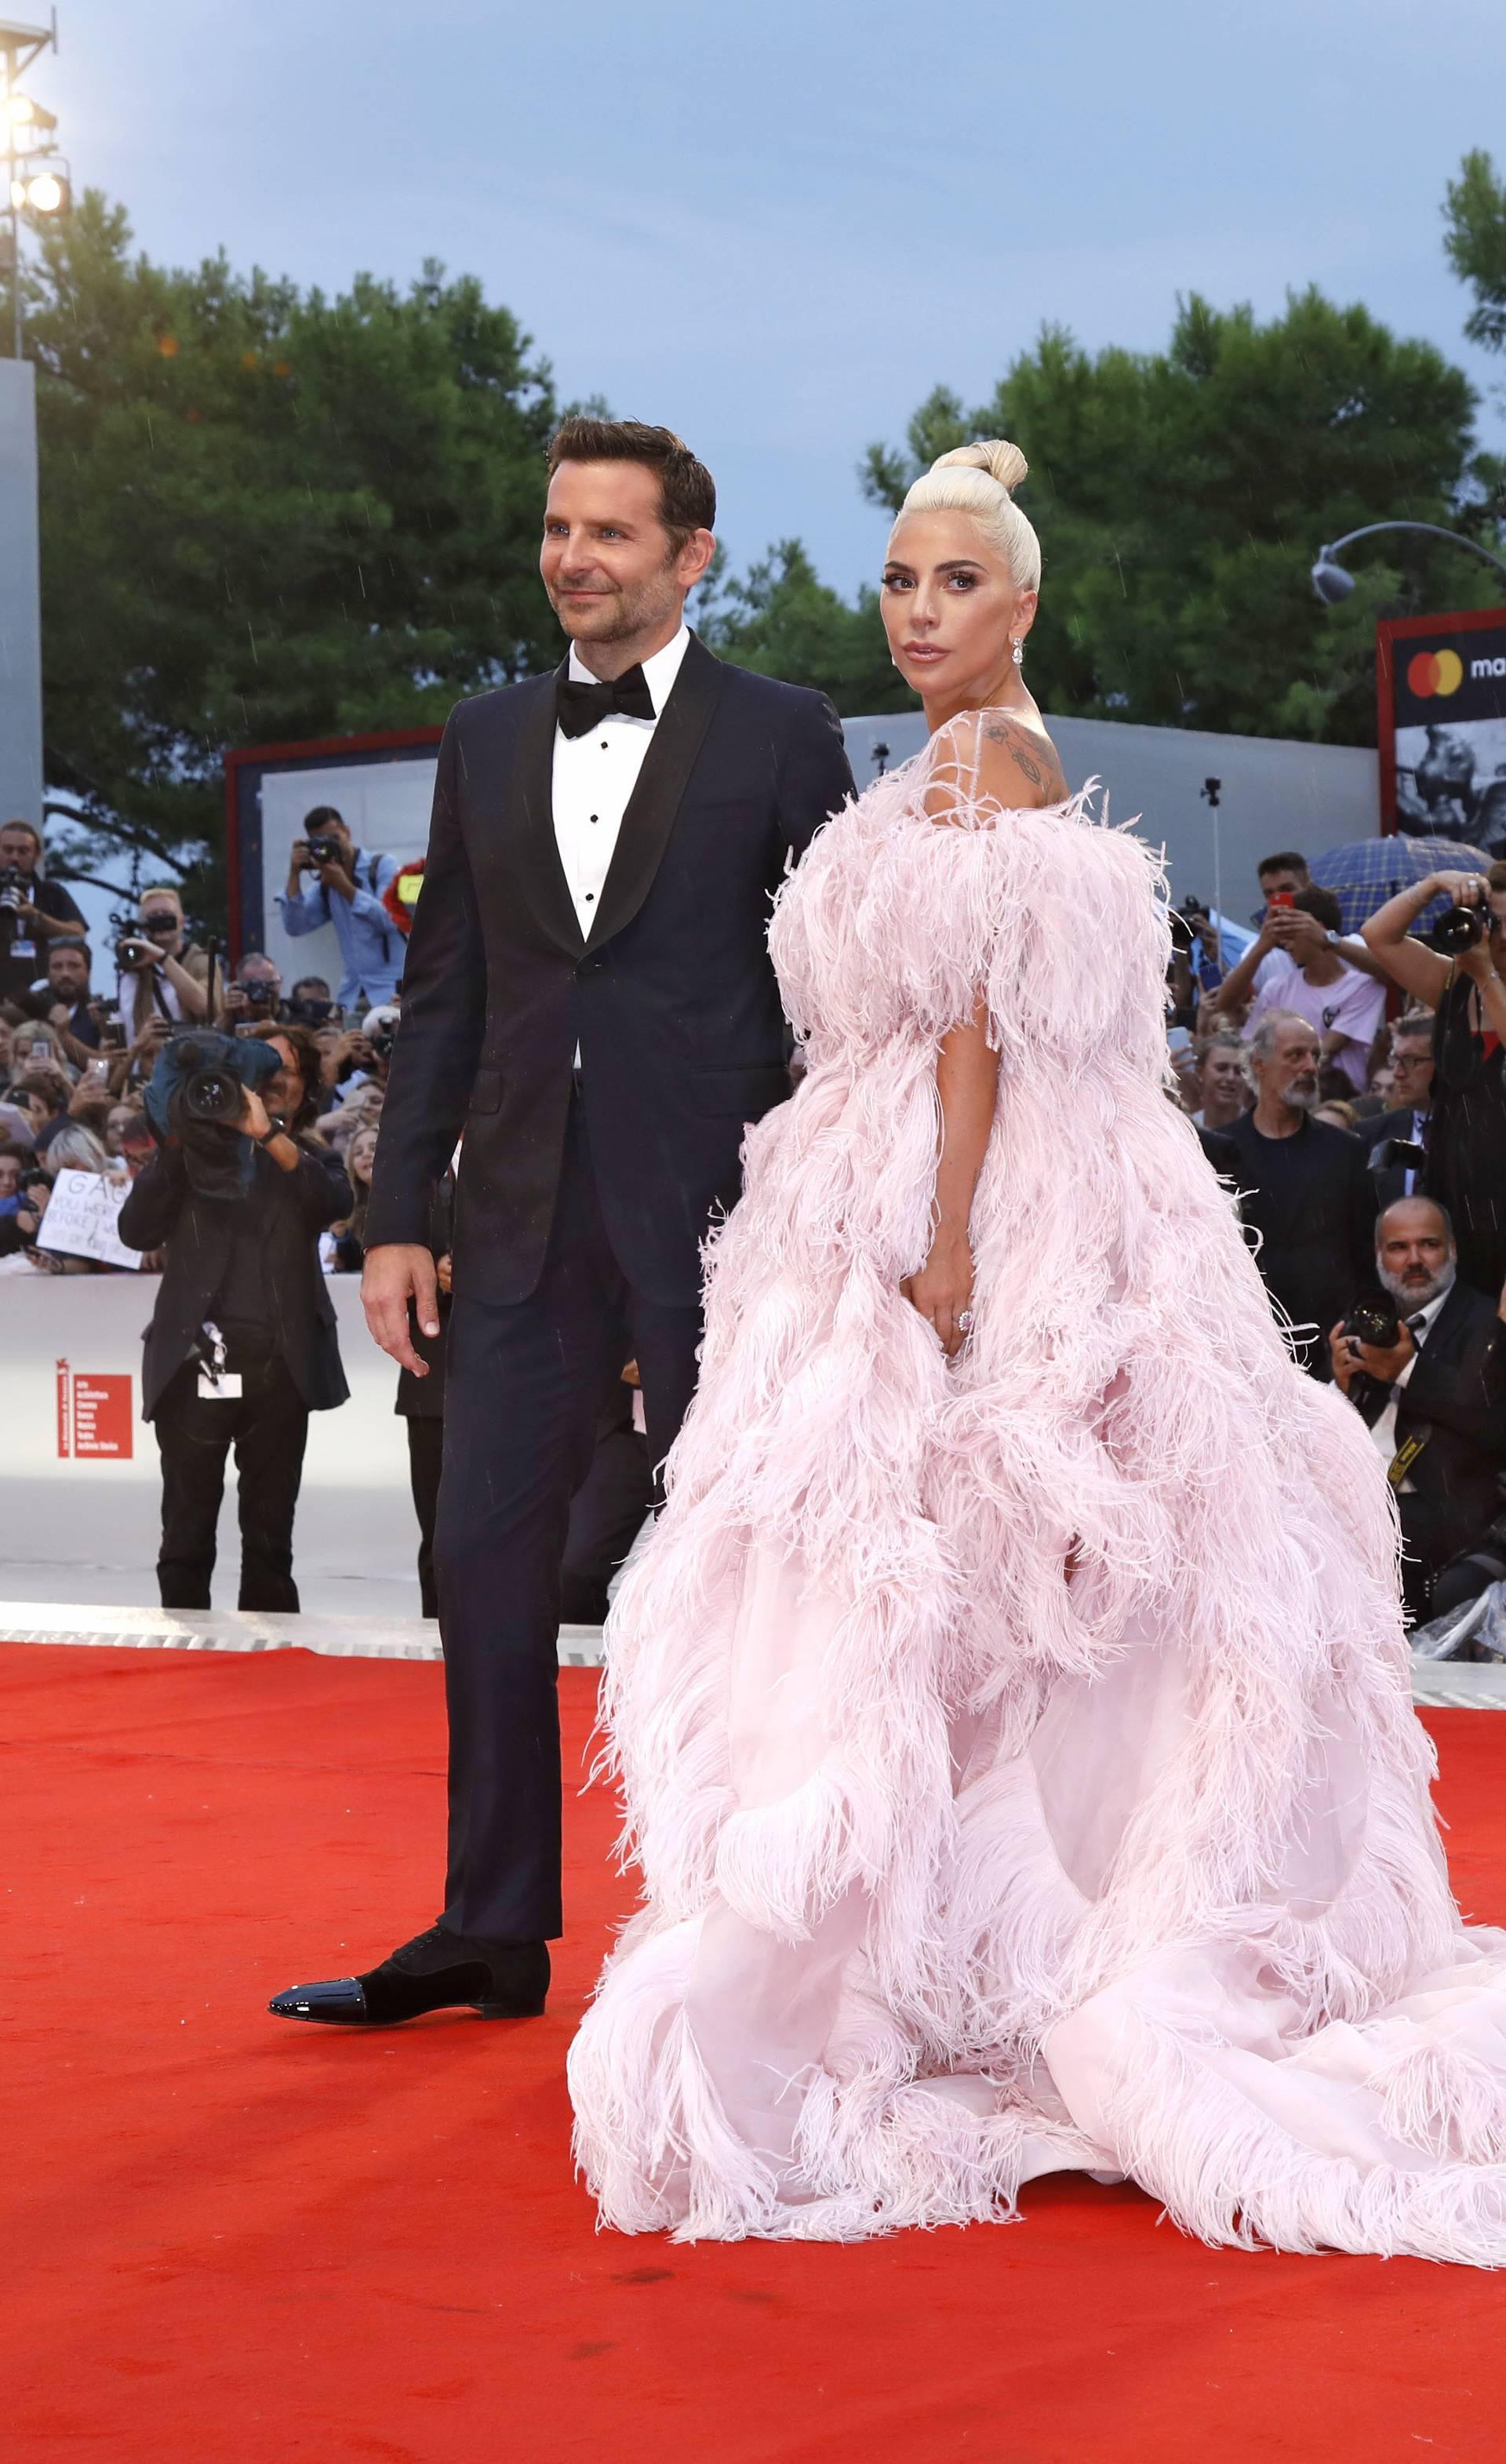 'A Star Is Born' Premiere at the 75th Venice Film Festival